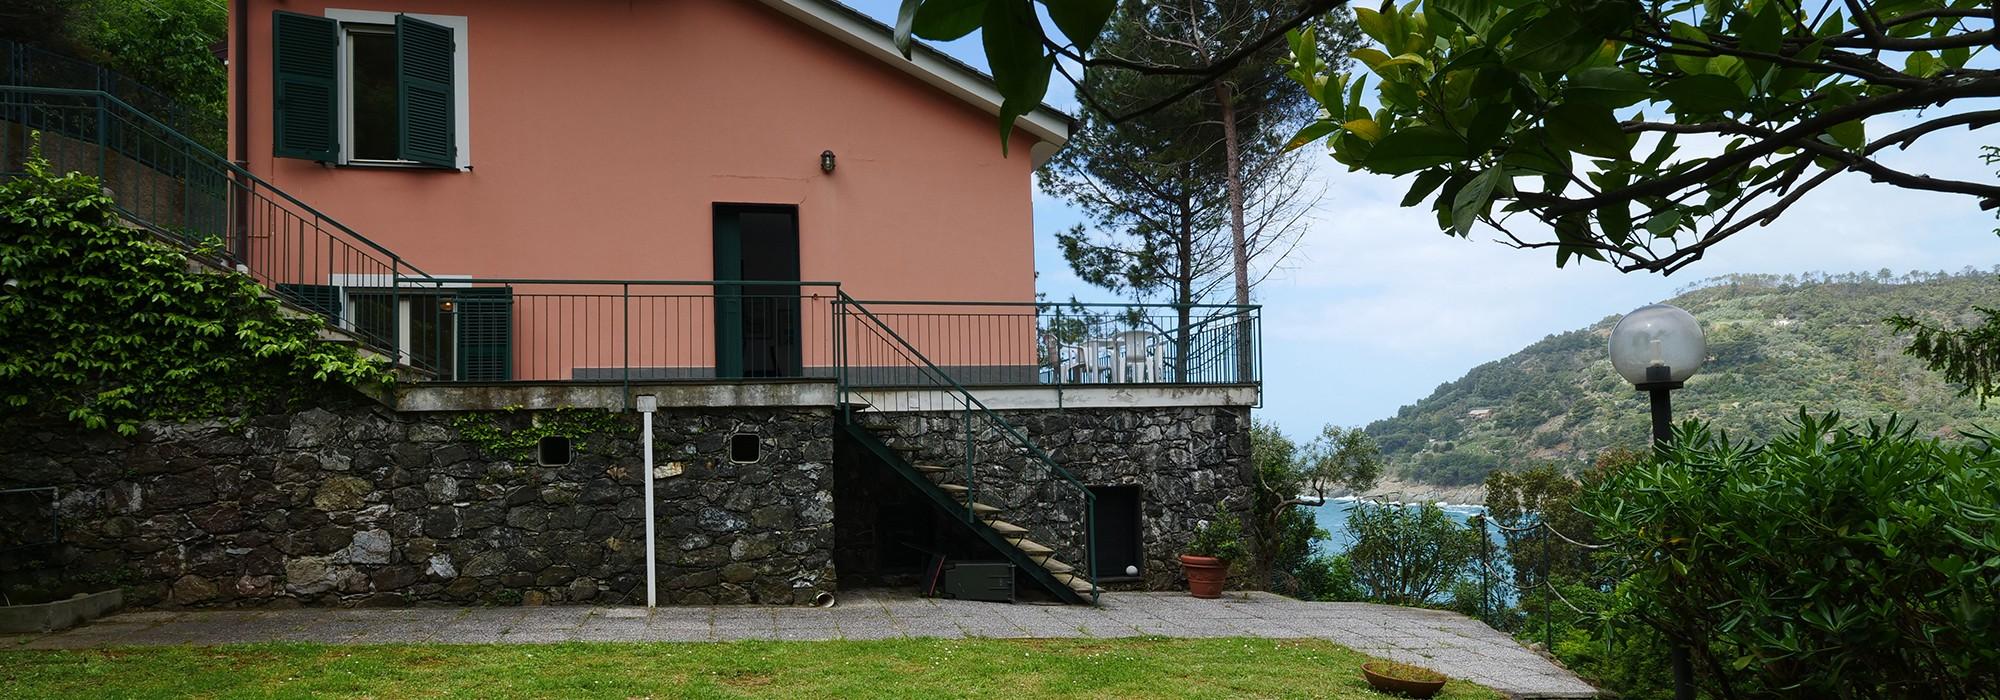 Porzione di Villa Bifamiliare